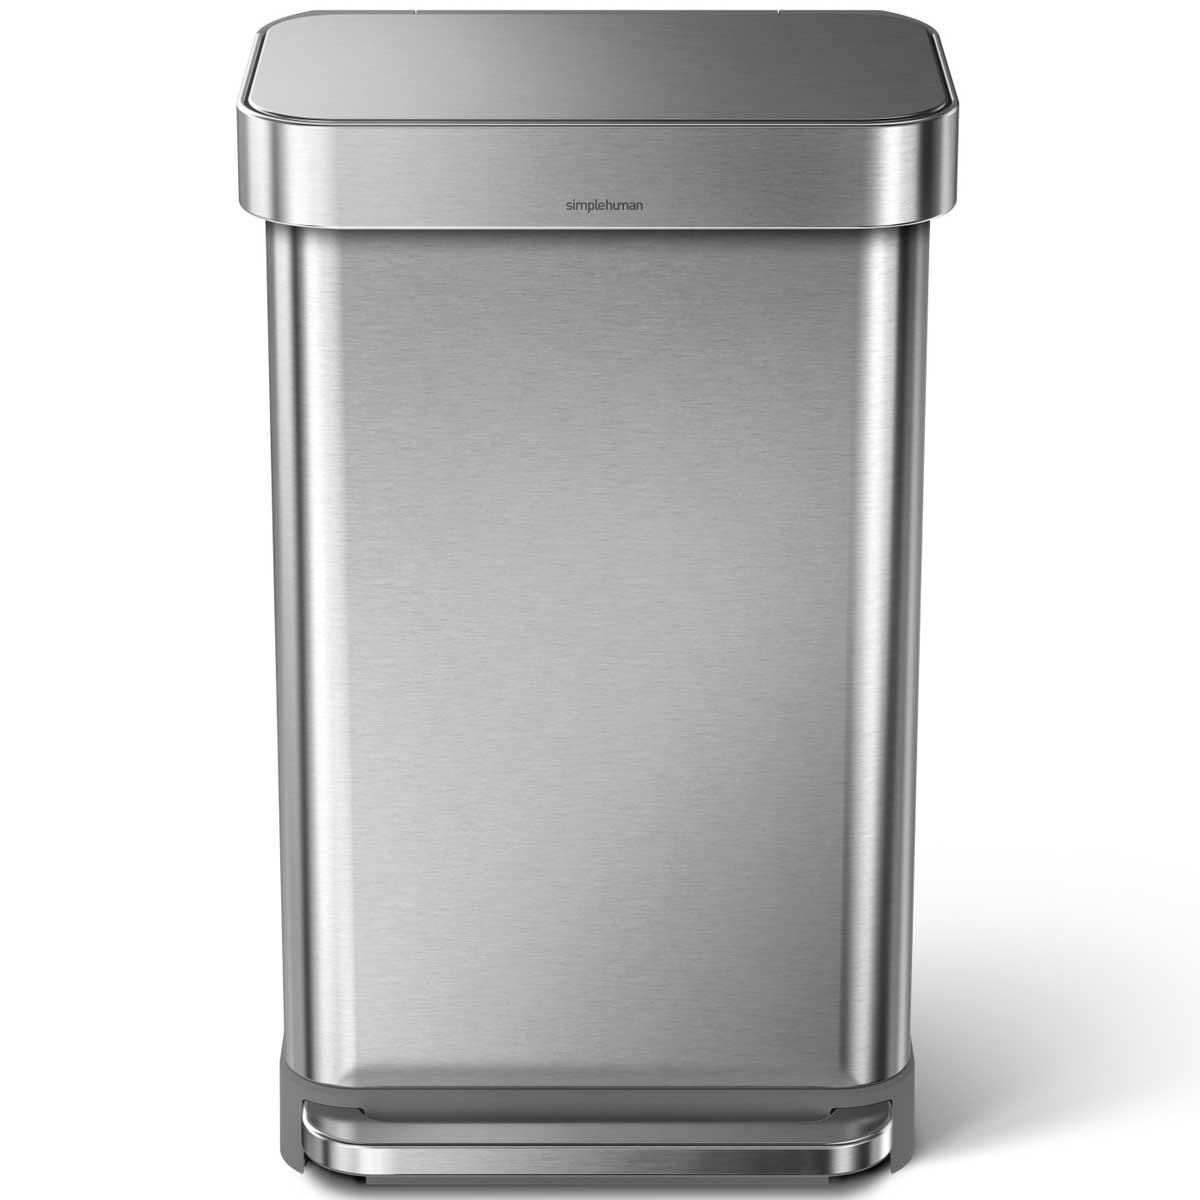 simplehuman ゴミ箱 レクタンギュラーステップカン 45L ふた付き ペダル シンプルヒューマン 正規品 メーカー保証付き 角型ゴミ箱 45リットル CW2024 ステンレスシルバー